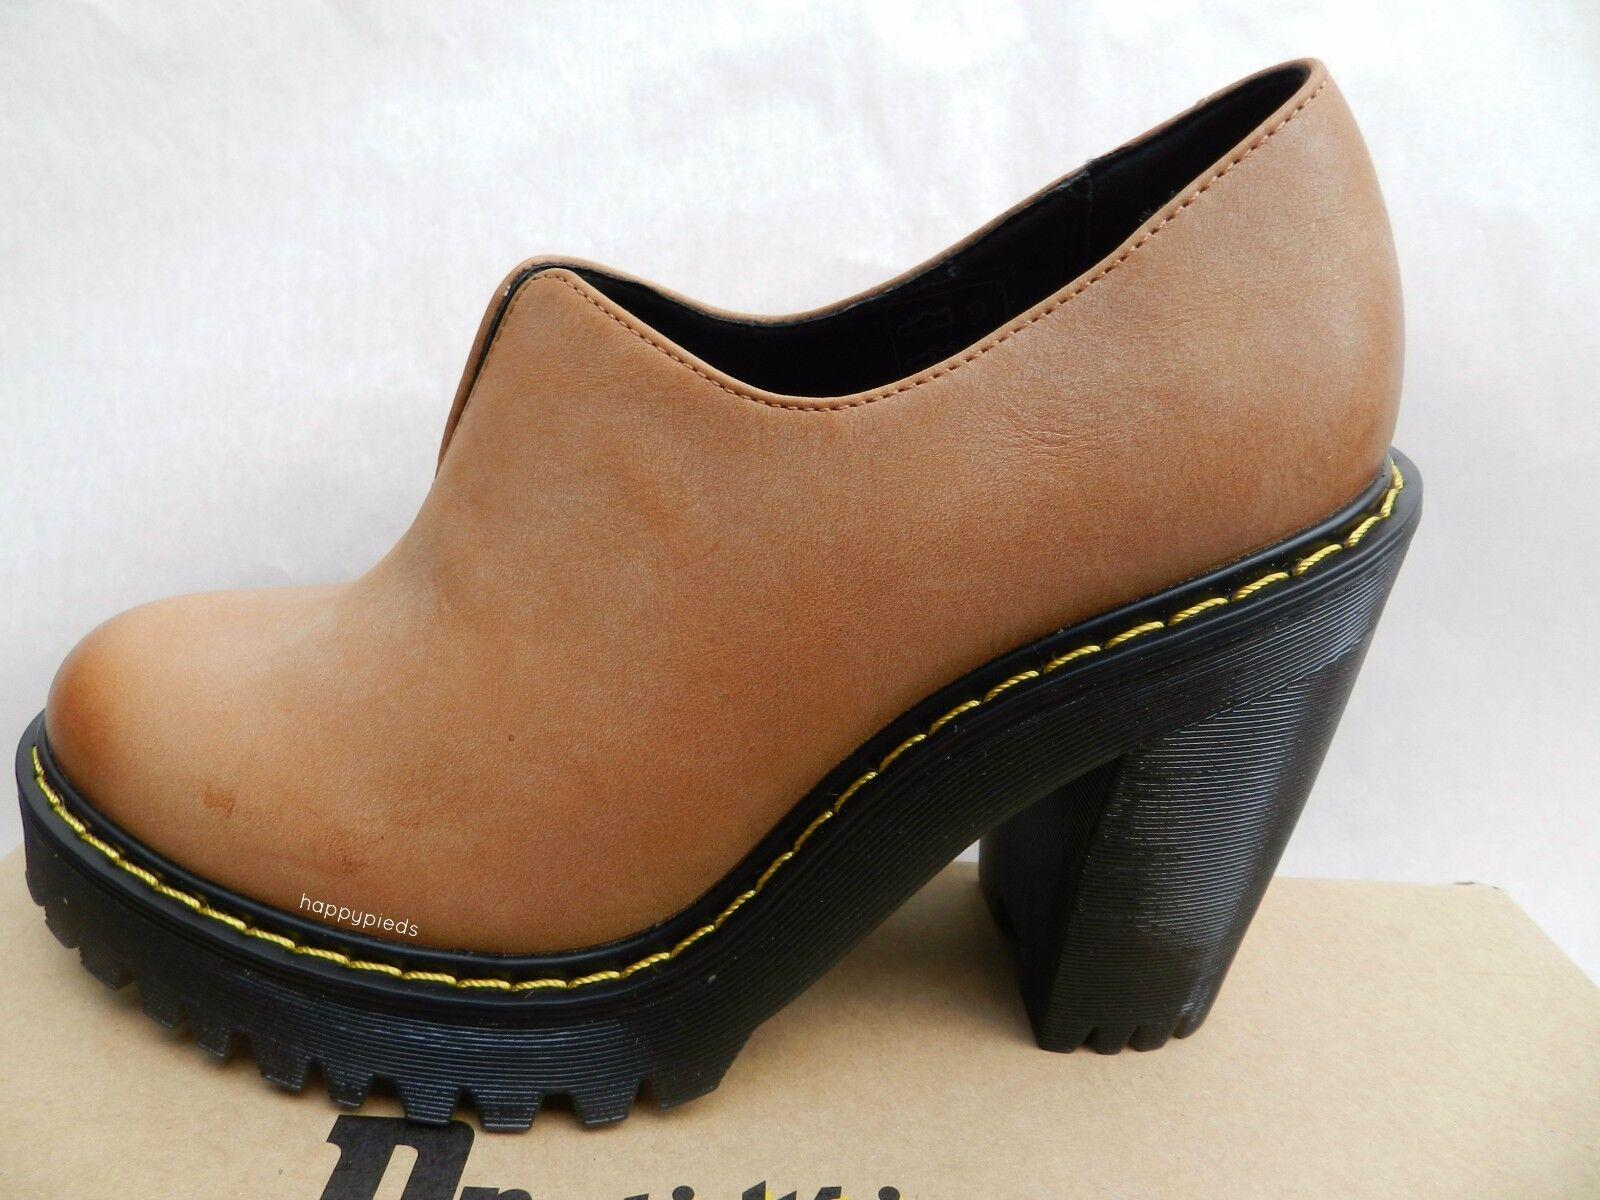 Dr Martens Cordelia Chaussures Femme 40 Escarpins Salome Brun Compensé UK6.5 New